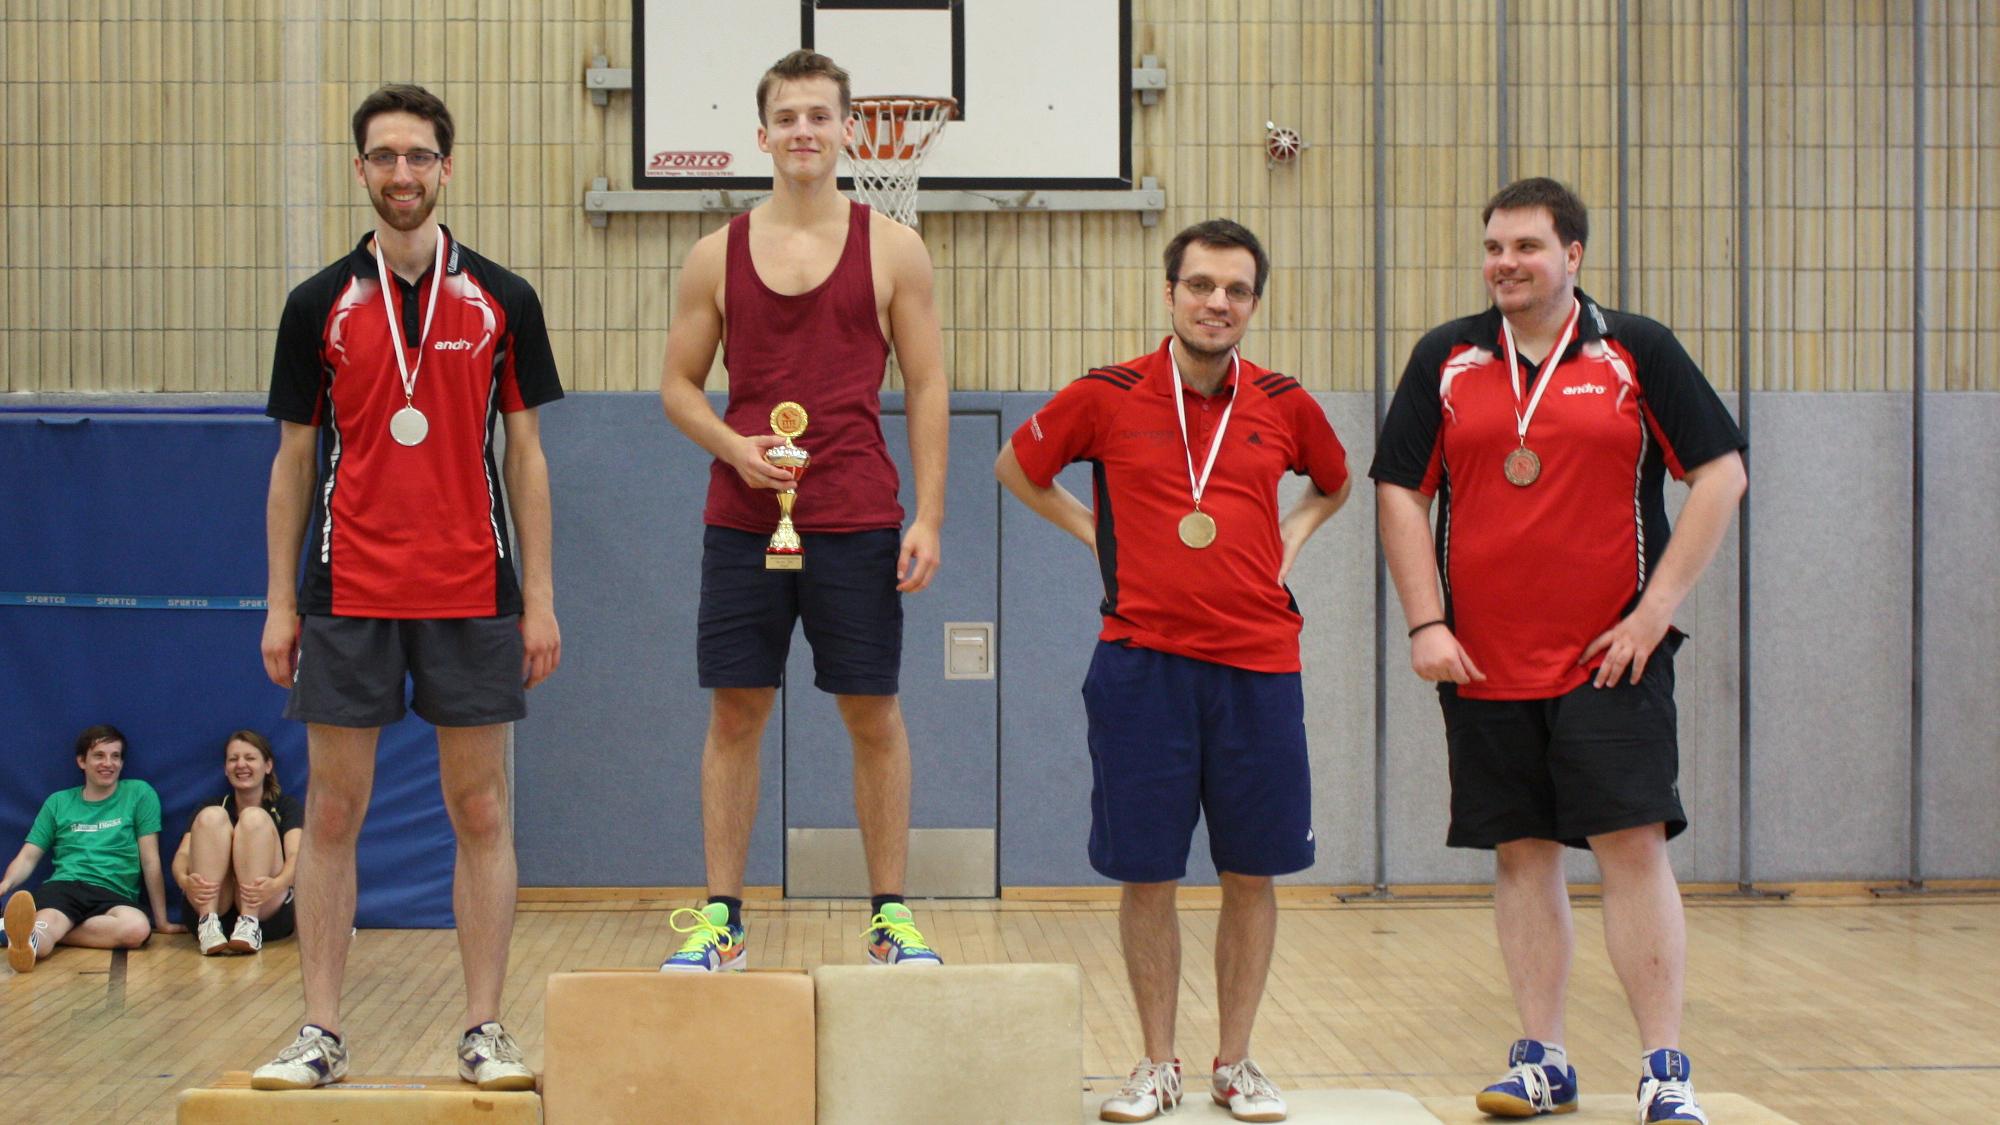 1. Platz Robin; 2. Platz Felix; 3. Platz Sascha und Domenik